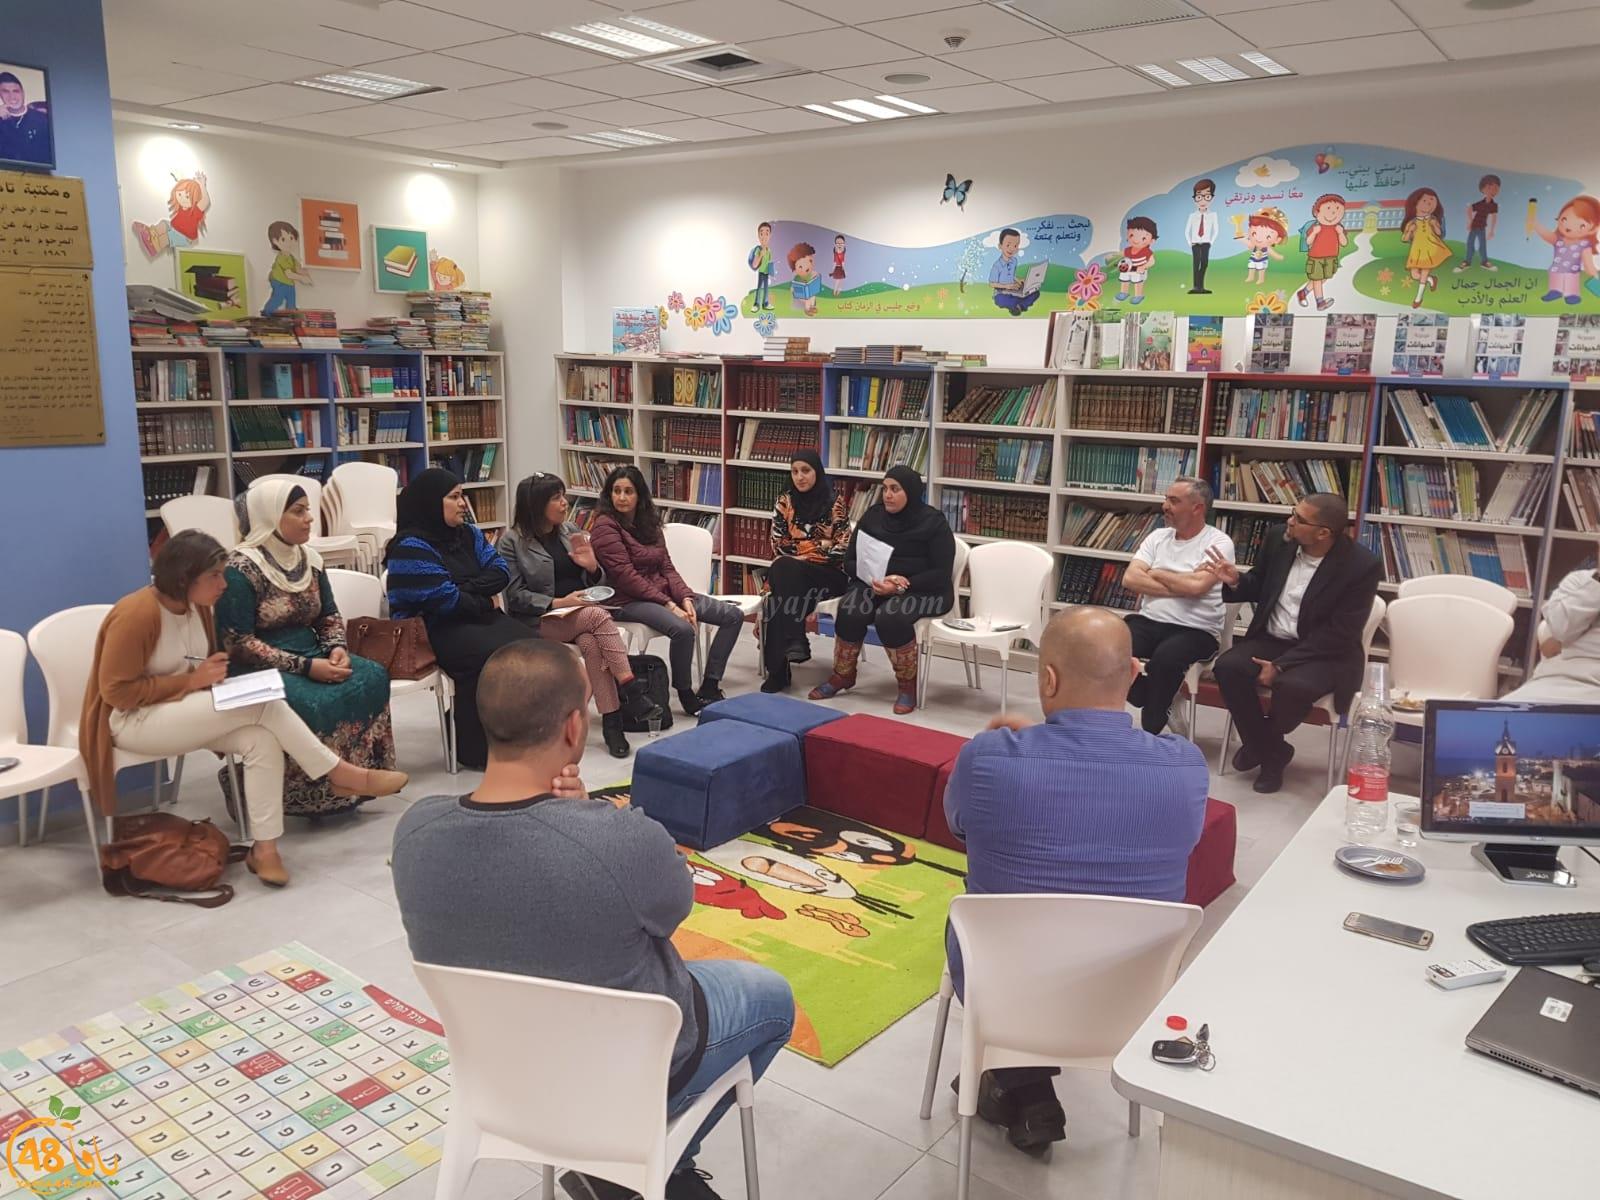 يافا: اجتماع في مدرسة حسن عرفة الابتدائية مع مديرة قسم التربية والتعليم في البلدية